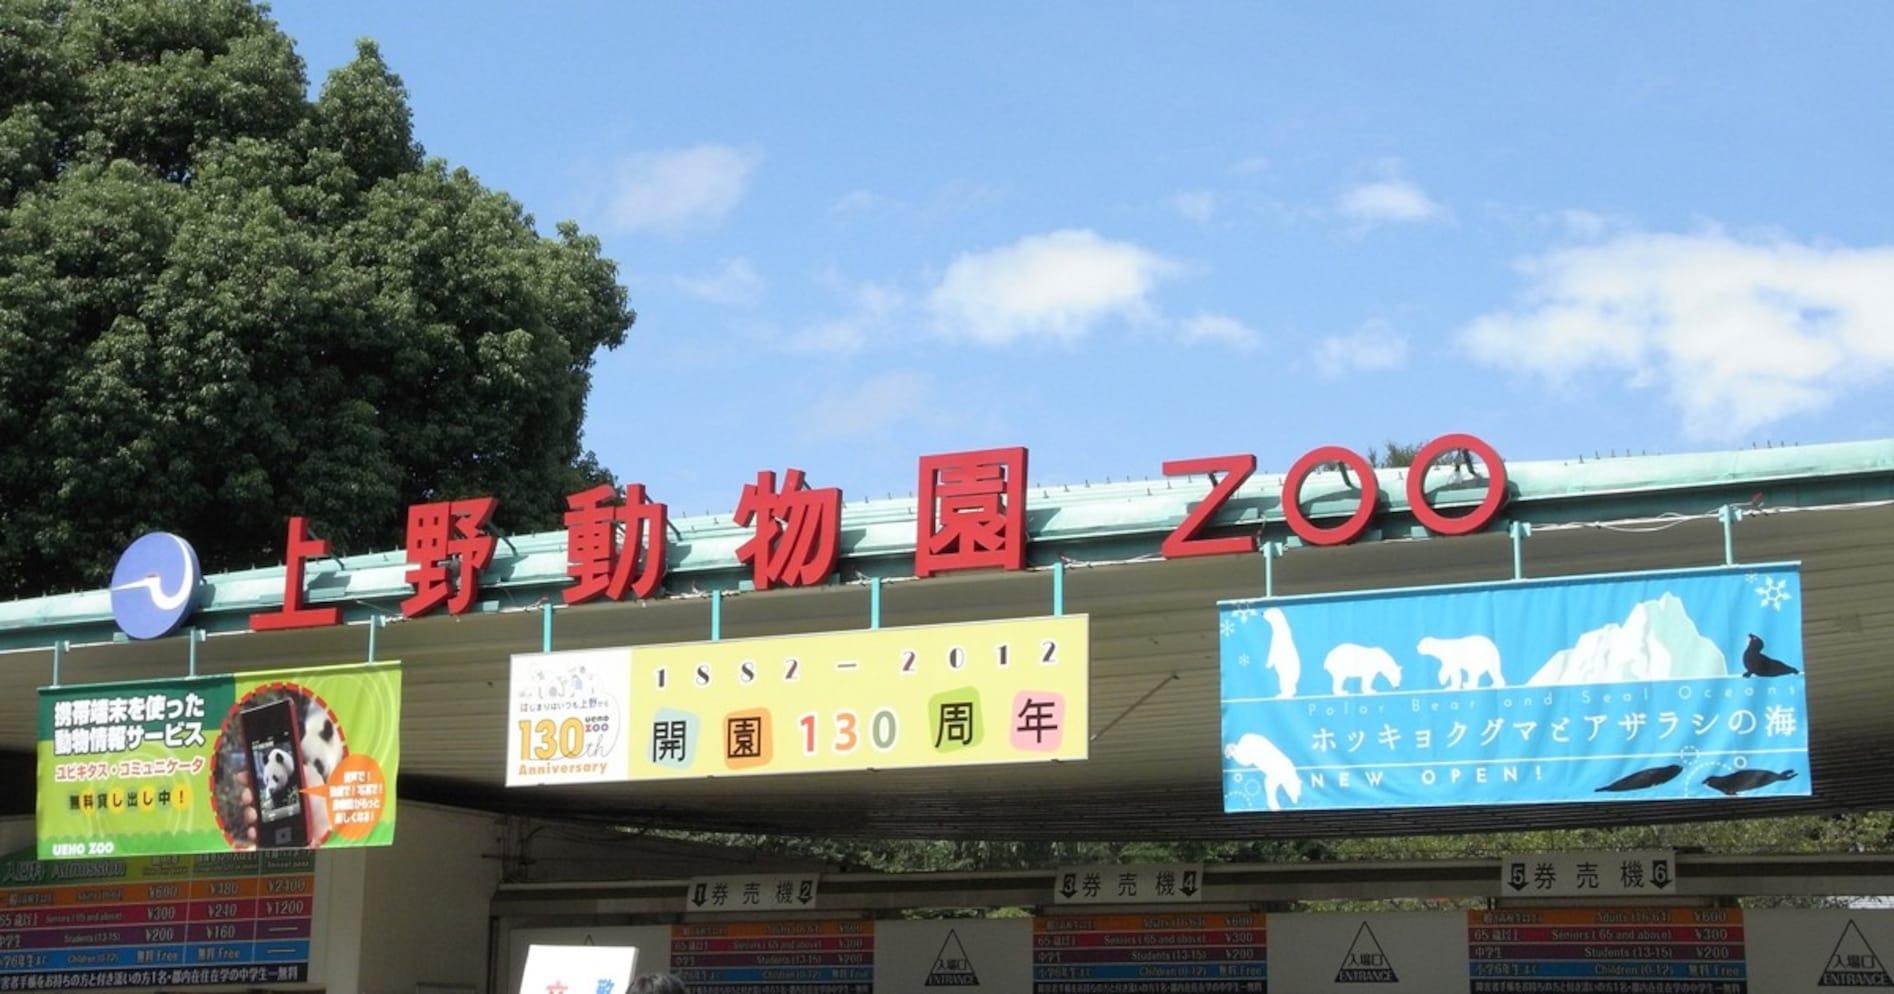 【今週の大人センテンス】「逃げていい」と呼びかける上野動物園のやさしさ